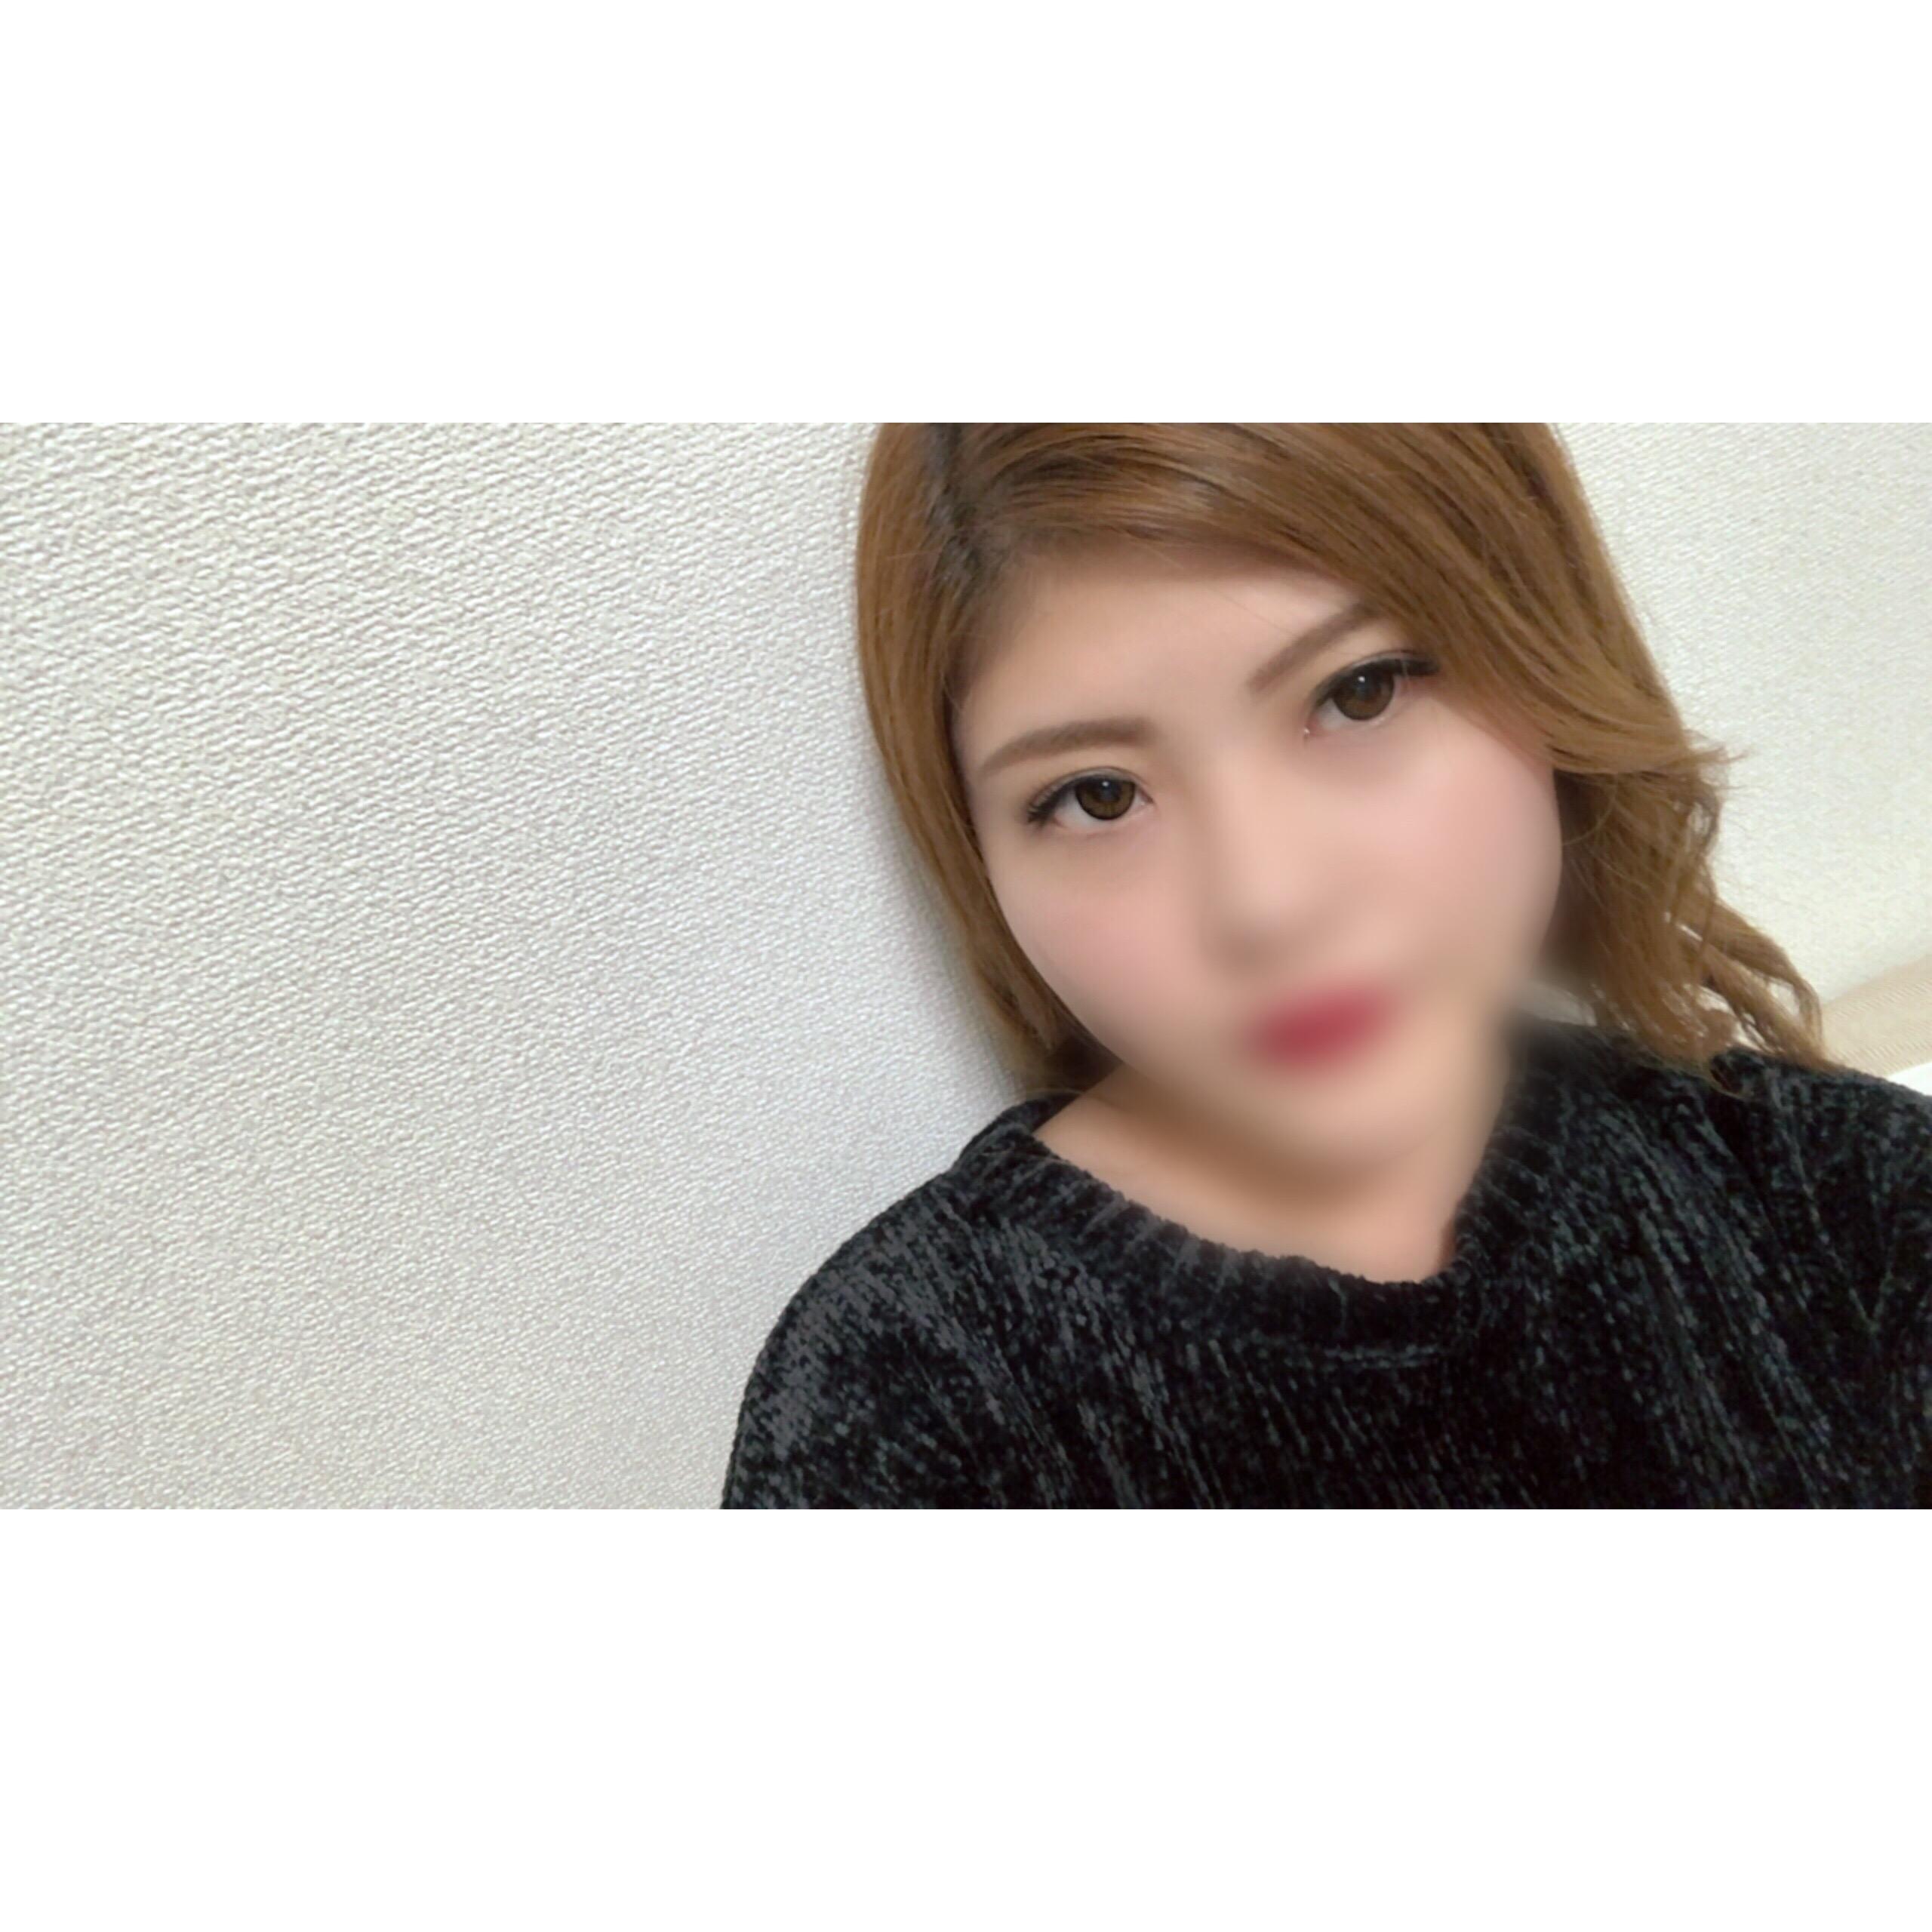 「お礼♪」10/19日(金) 03:29 | るるの写メ・風俗動画